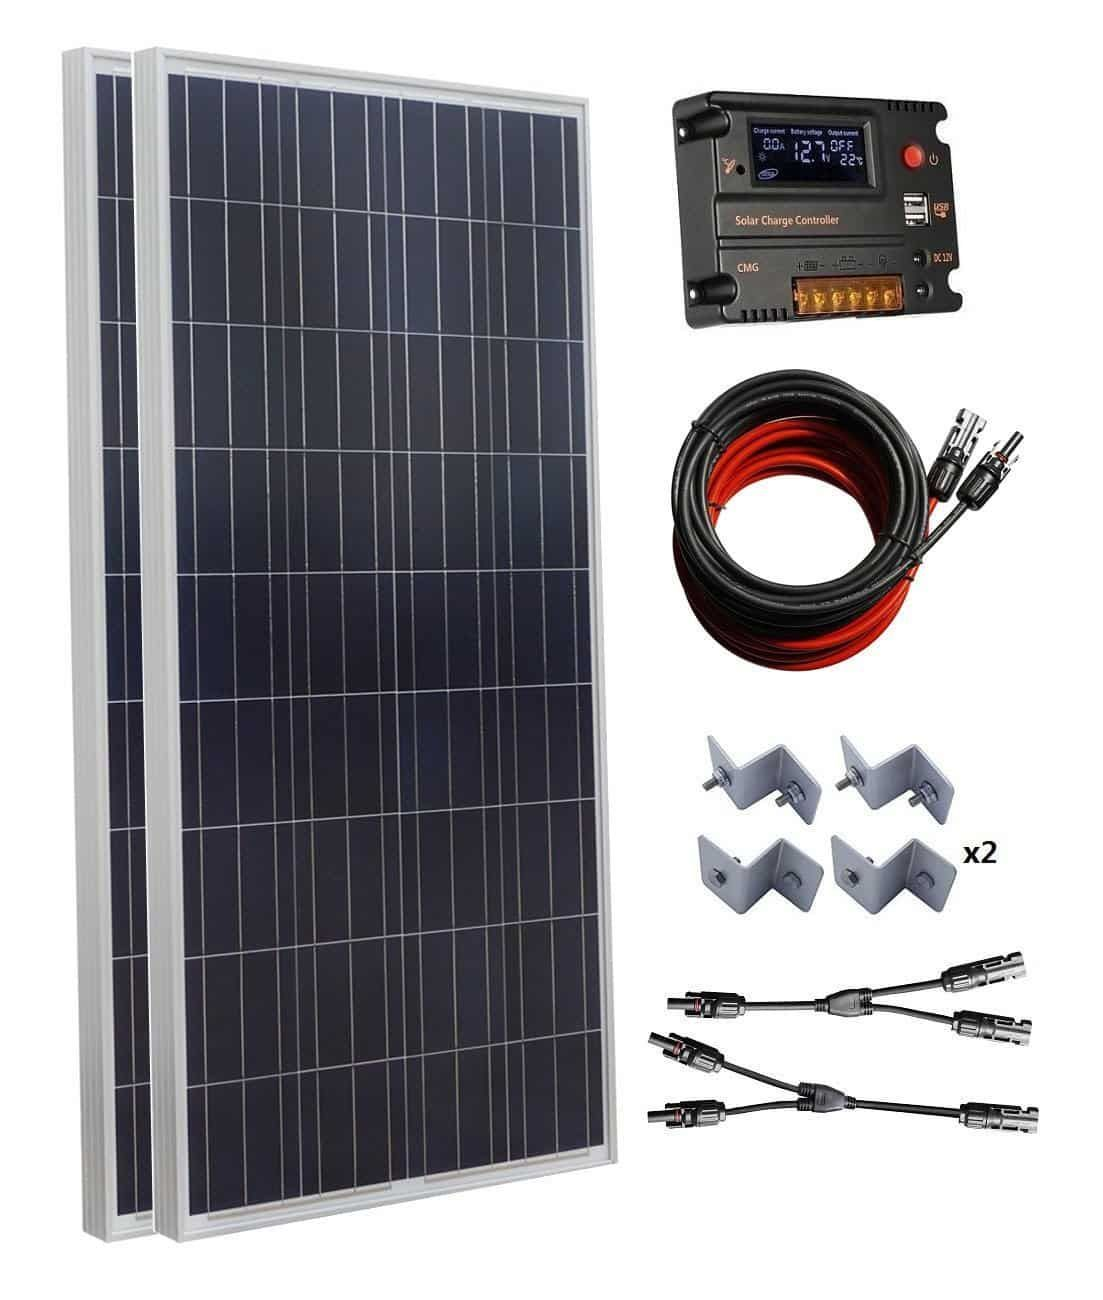 Top 10 Best Solar Generator Kits In 2020 Comprehensive Reviews Solar Panels Solar Energy Panels Solar